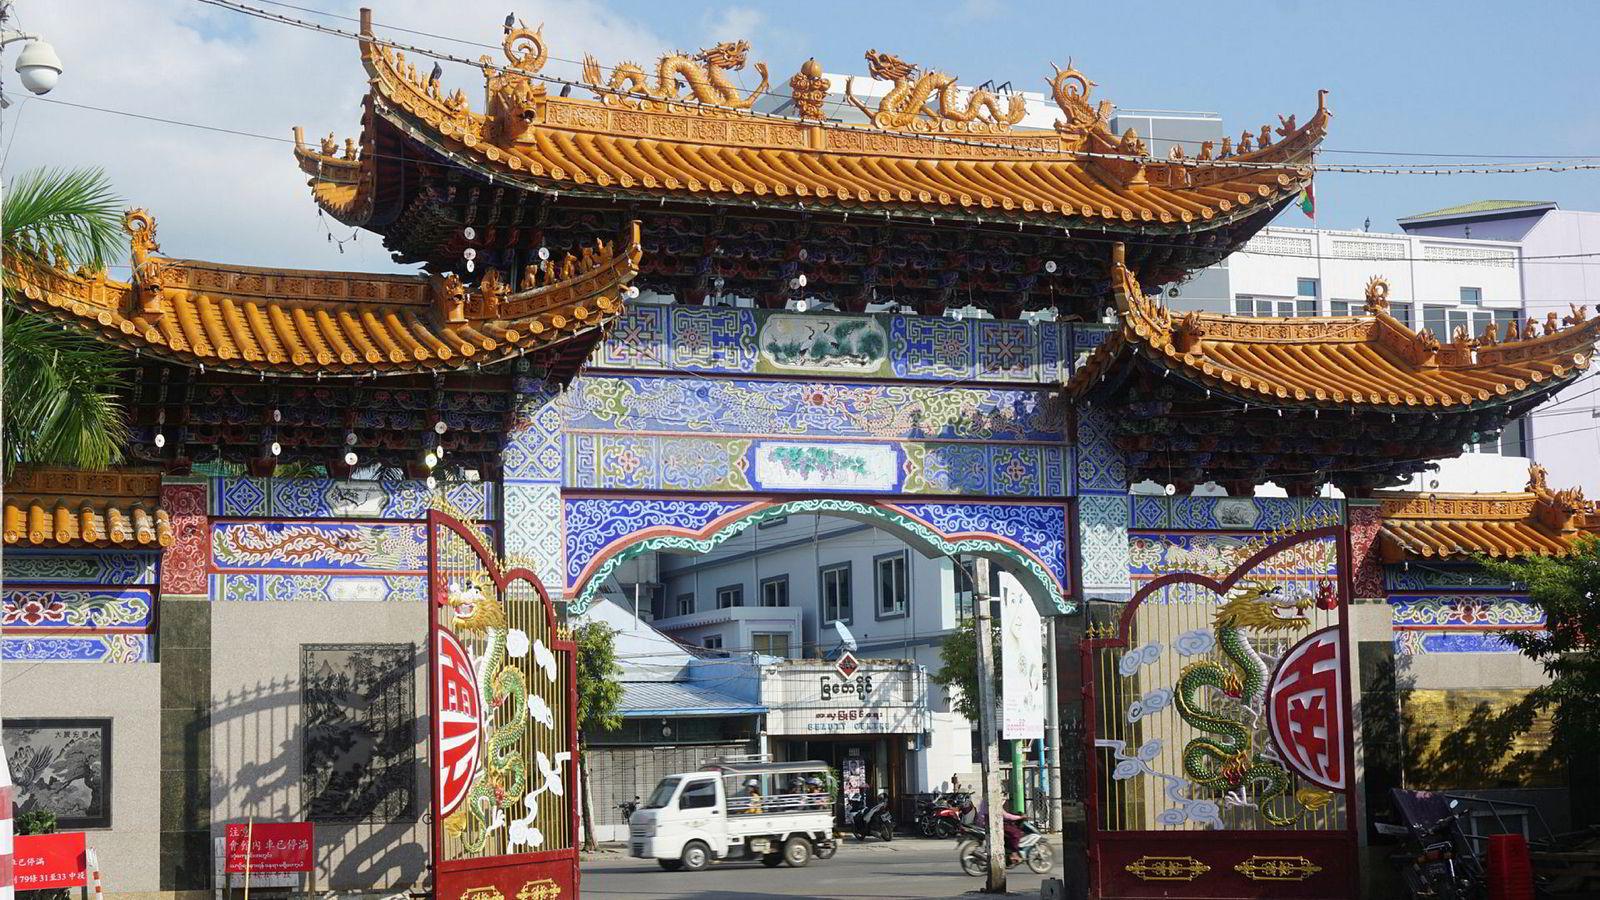 Bildet viser et kinesisk tempel i sentrum av Mandalay.